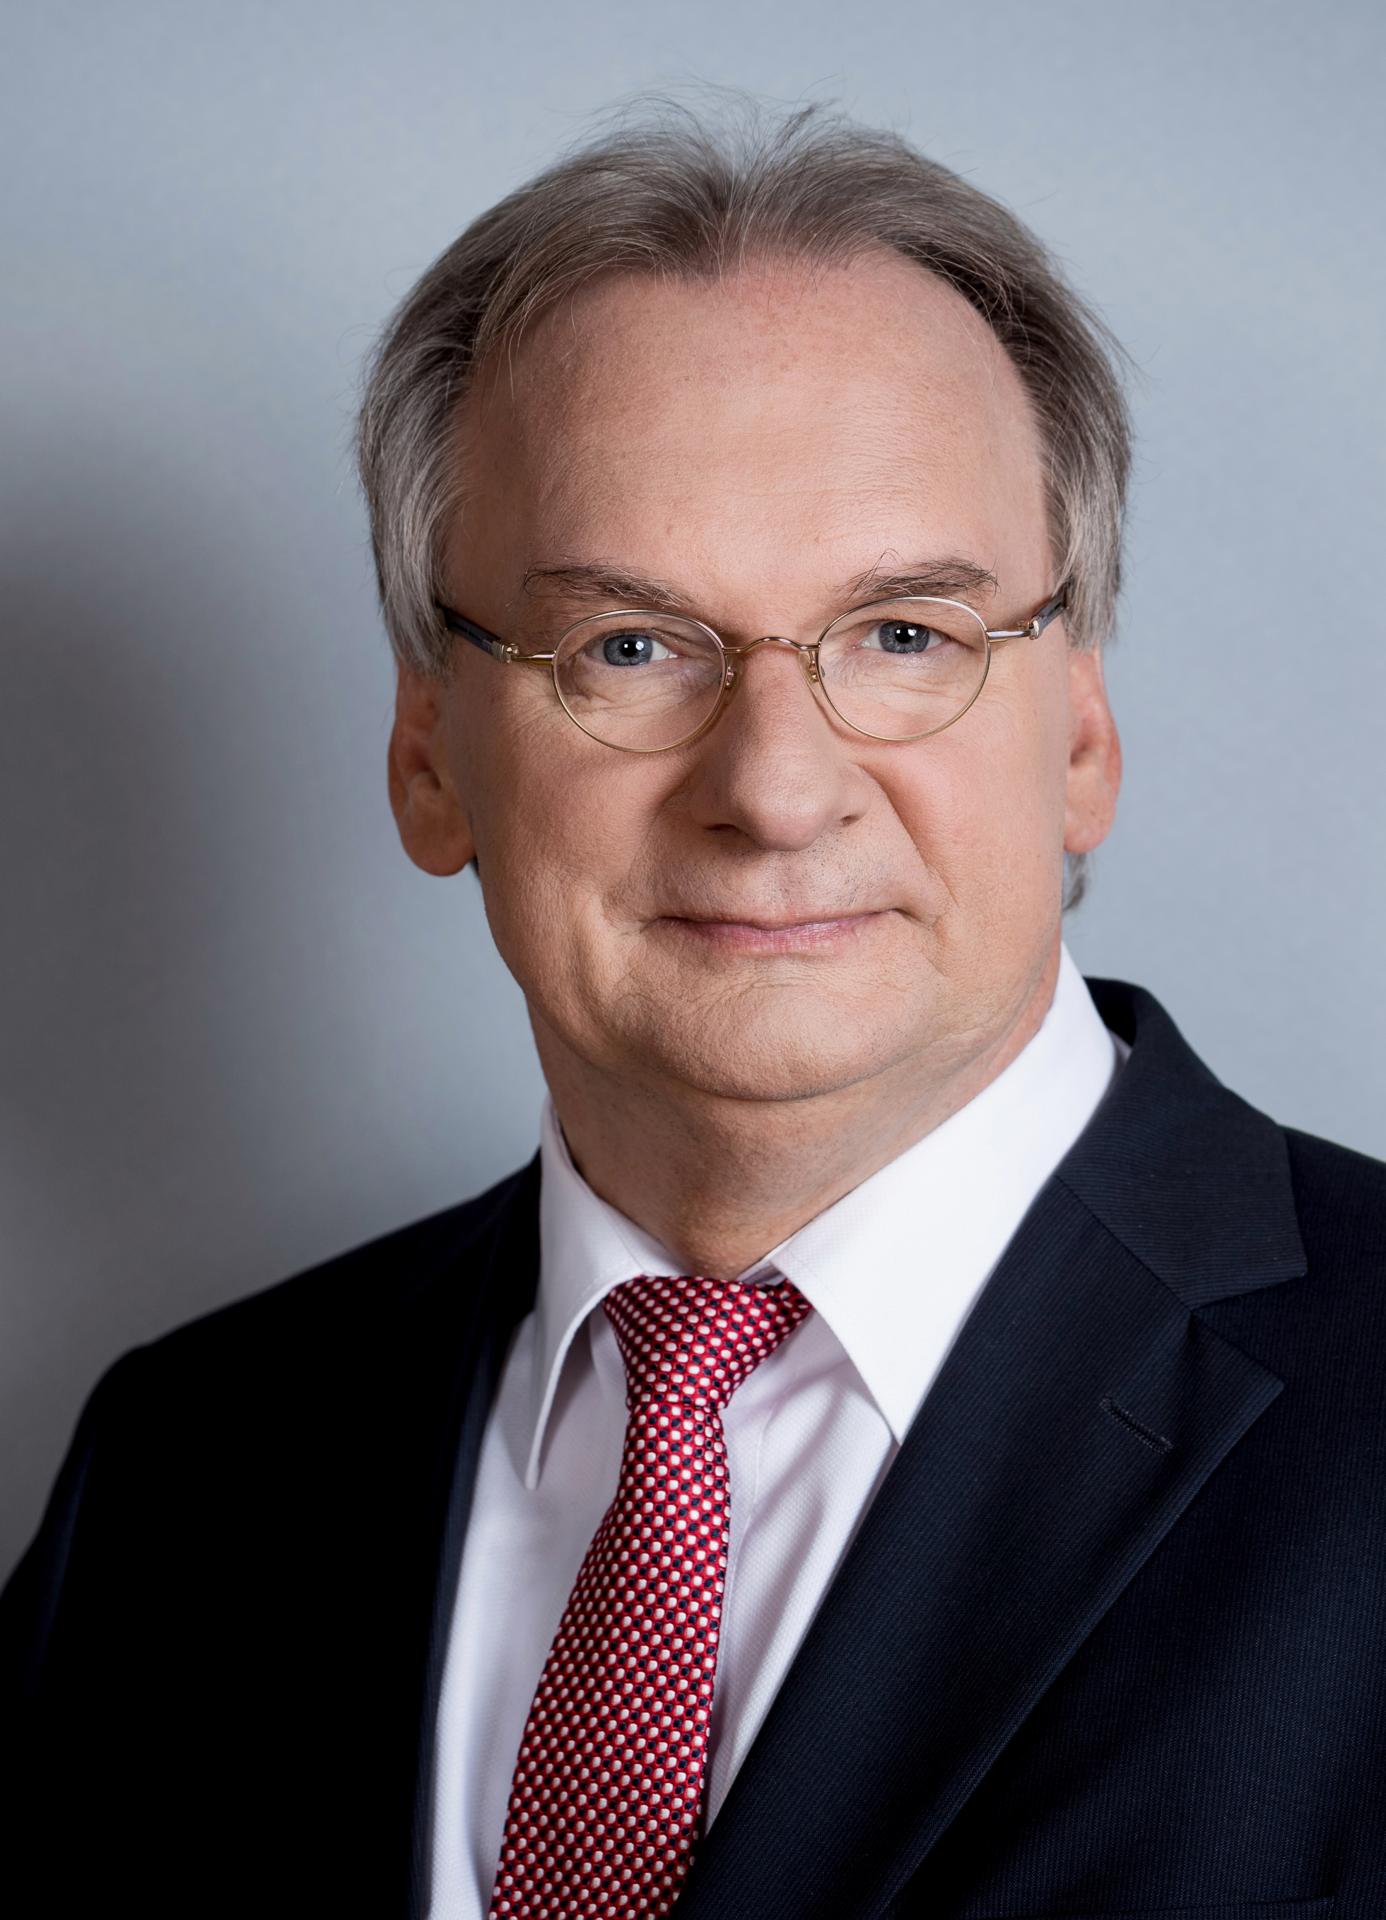 MP Reiner Haseloff